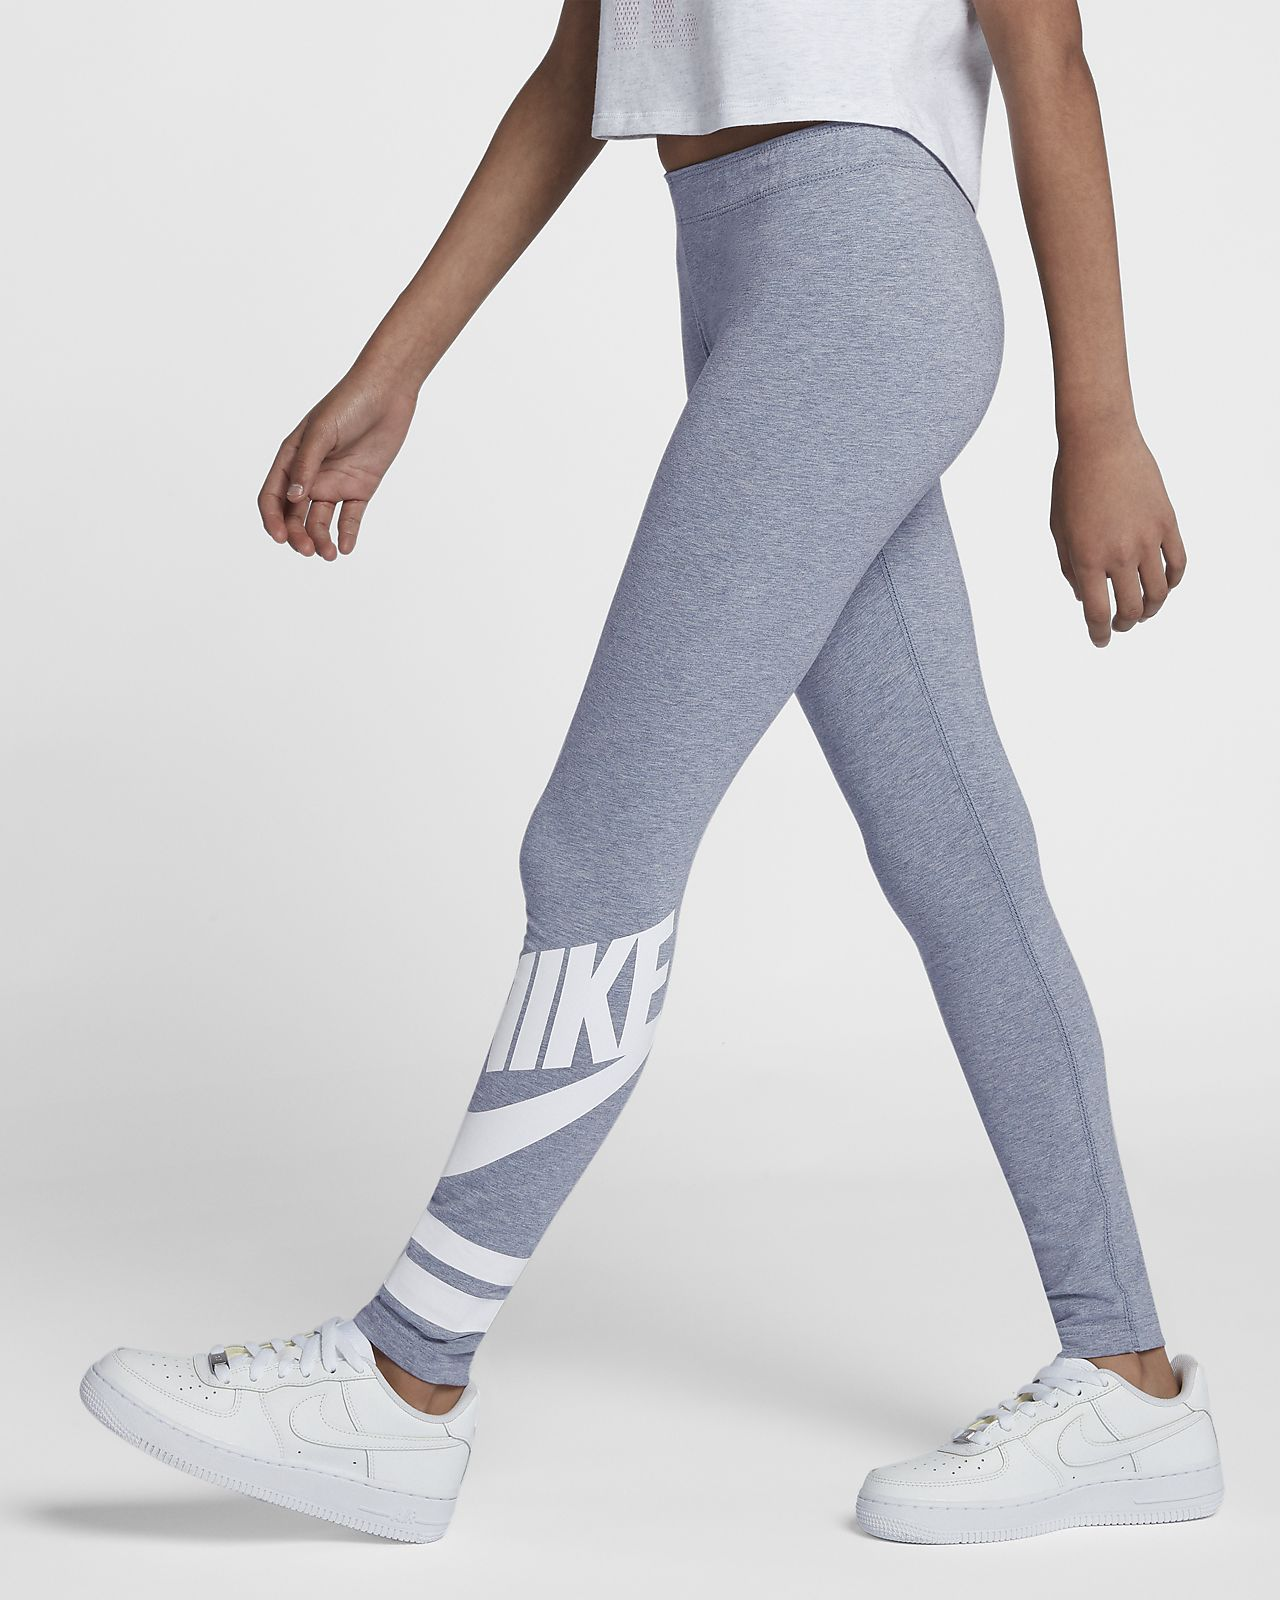 เลกกิ้งเด็กโตมีกราฟิก Nike Sportswear (หญิง)